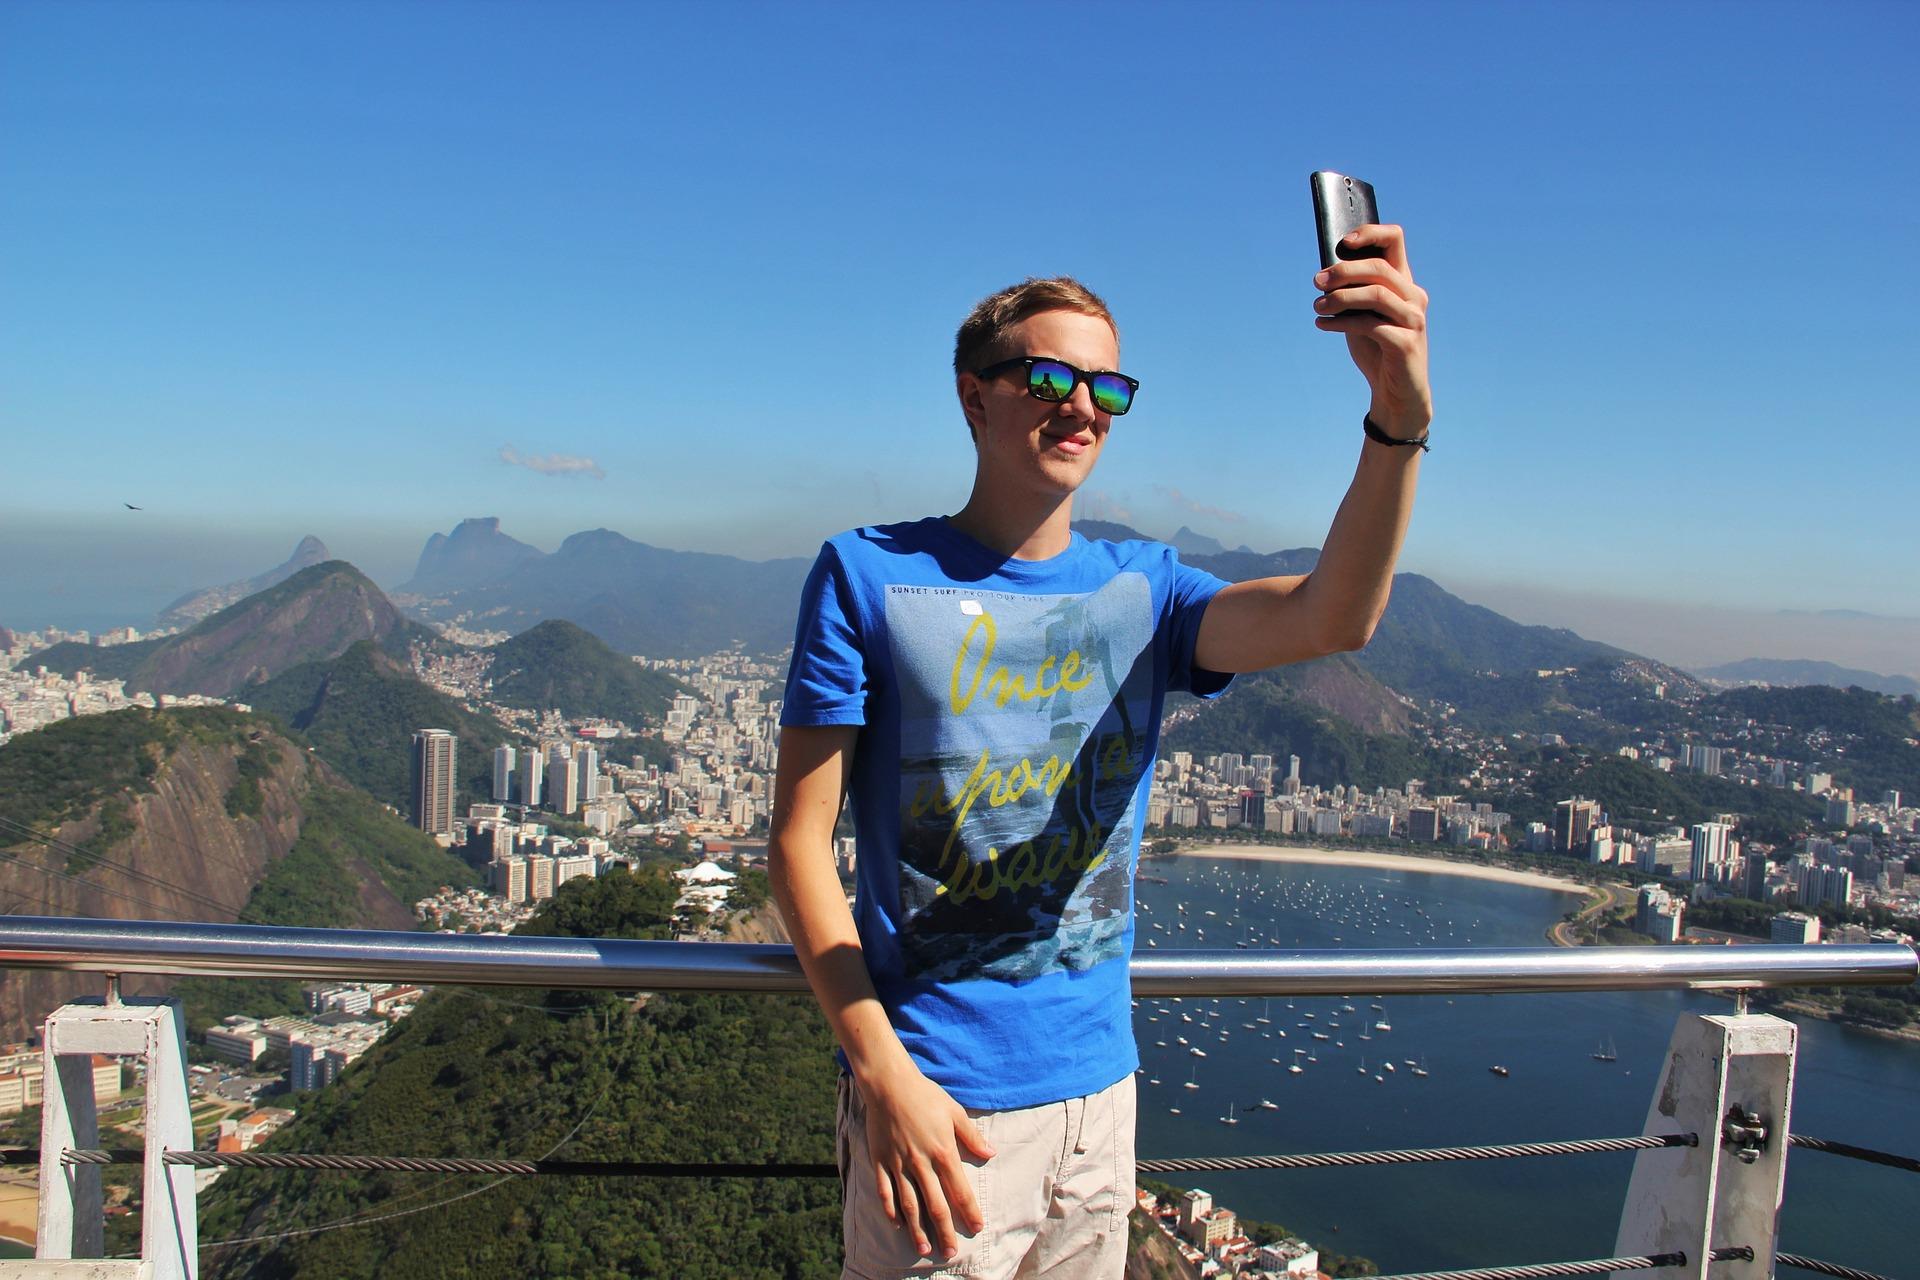 Popular selfie